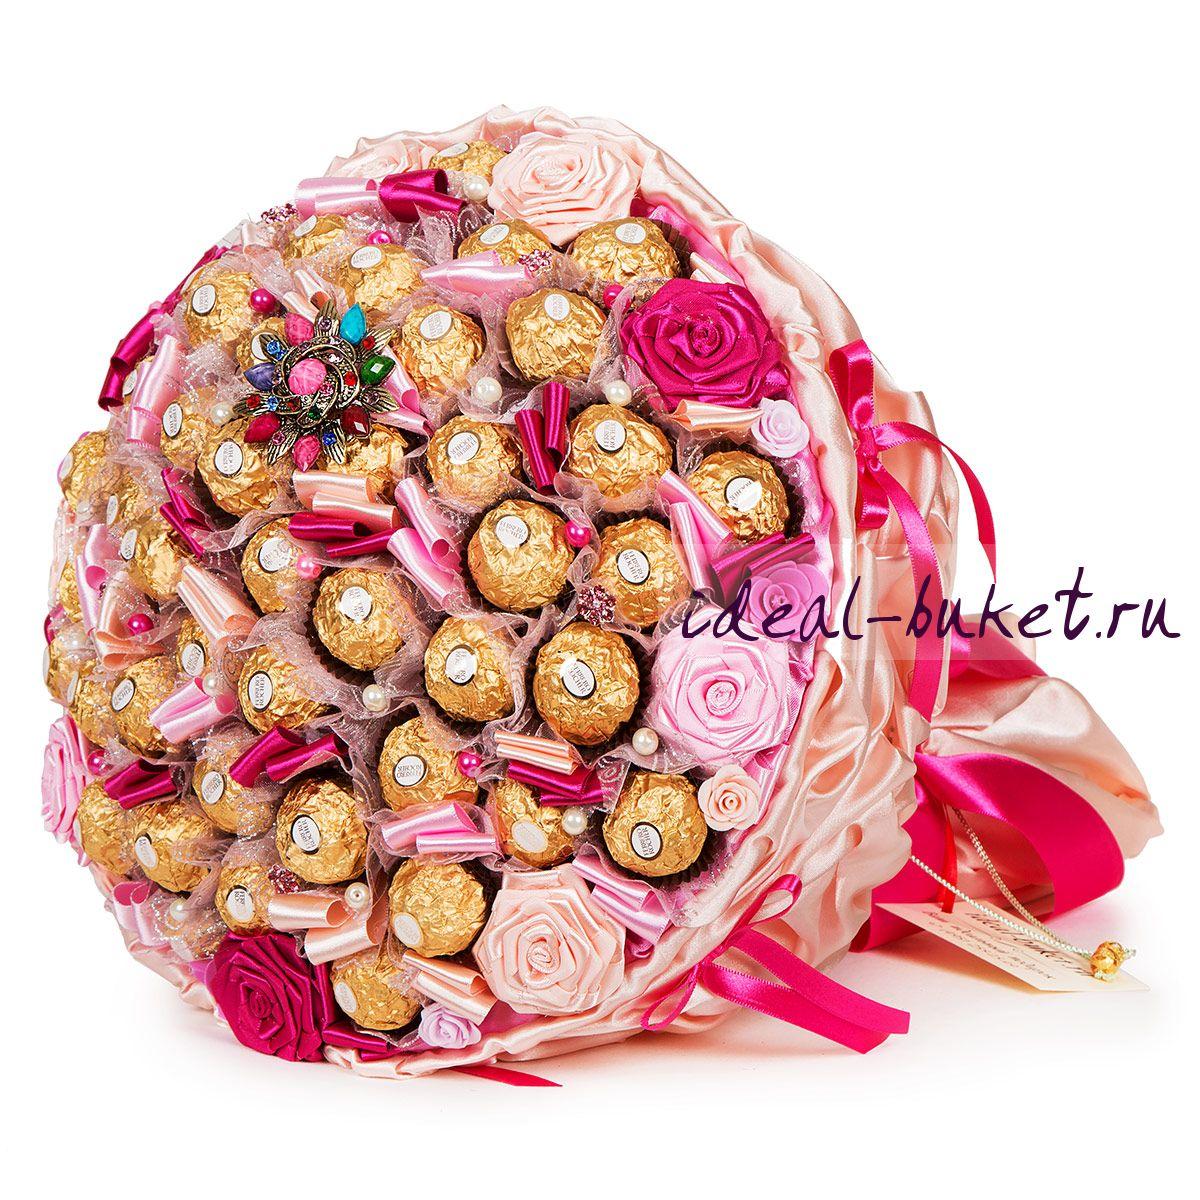 Букет из конфет как подарок